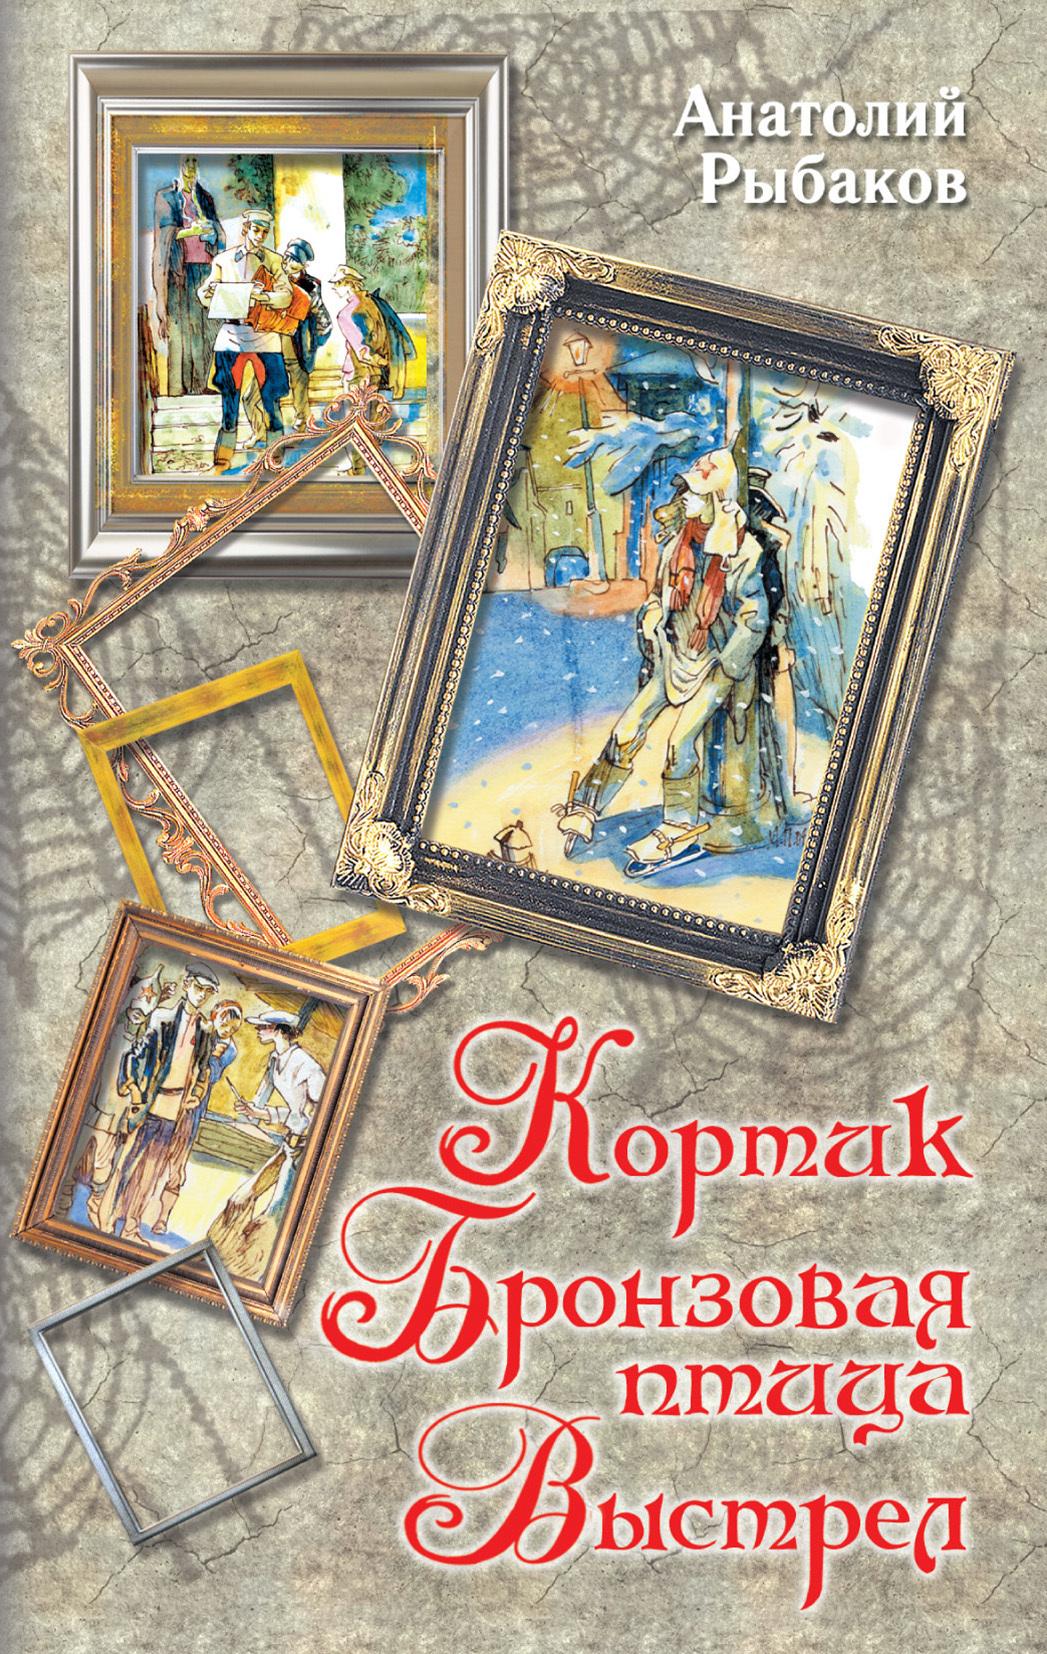 Анатолий Рыбаков - Кортик. Бронзовая птица. Выстрел (сборник)